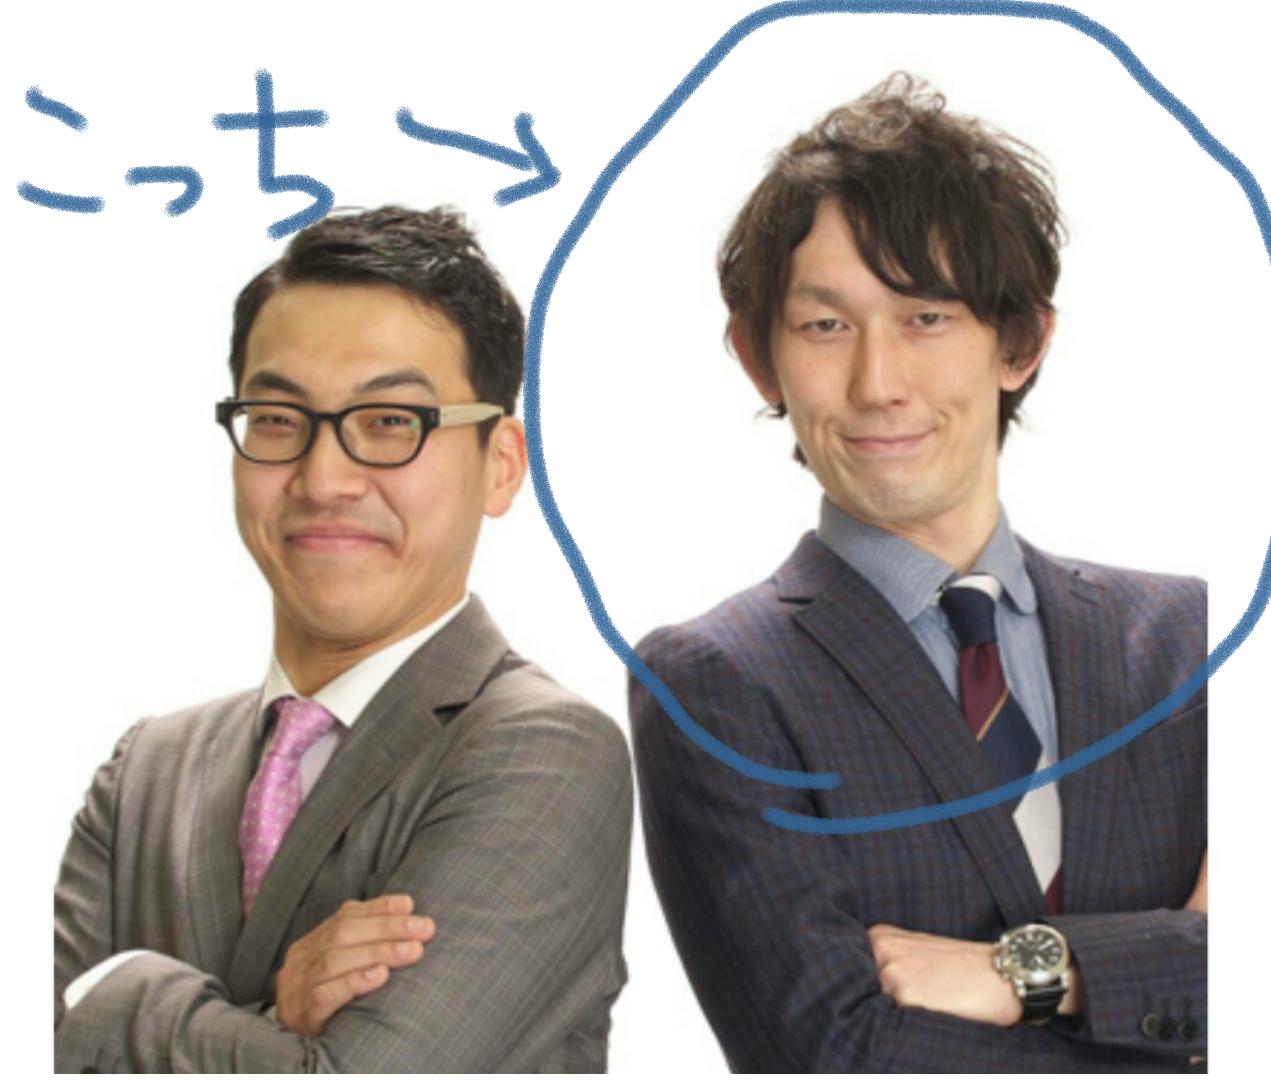 スキンヘッドカメラ シモの【みんなで作るドキドキレディオ(仮)】